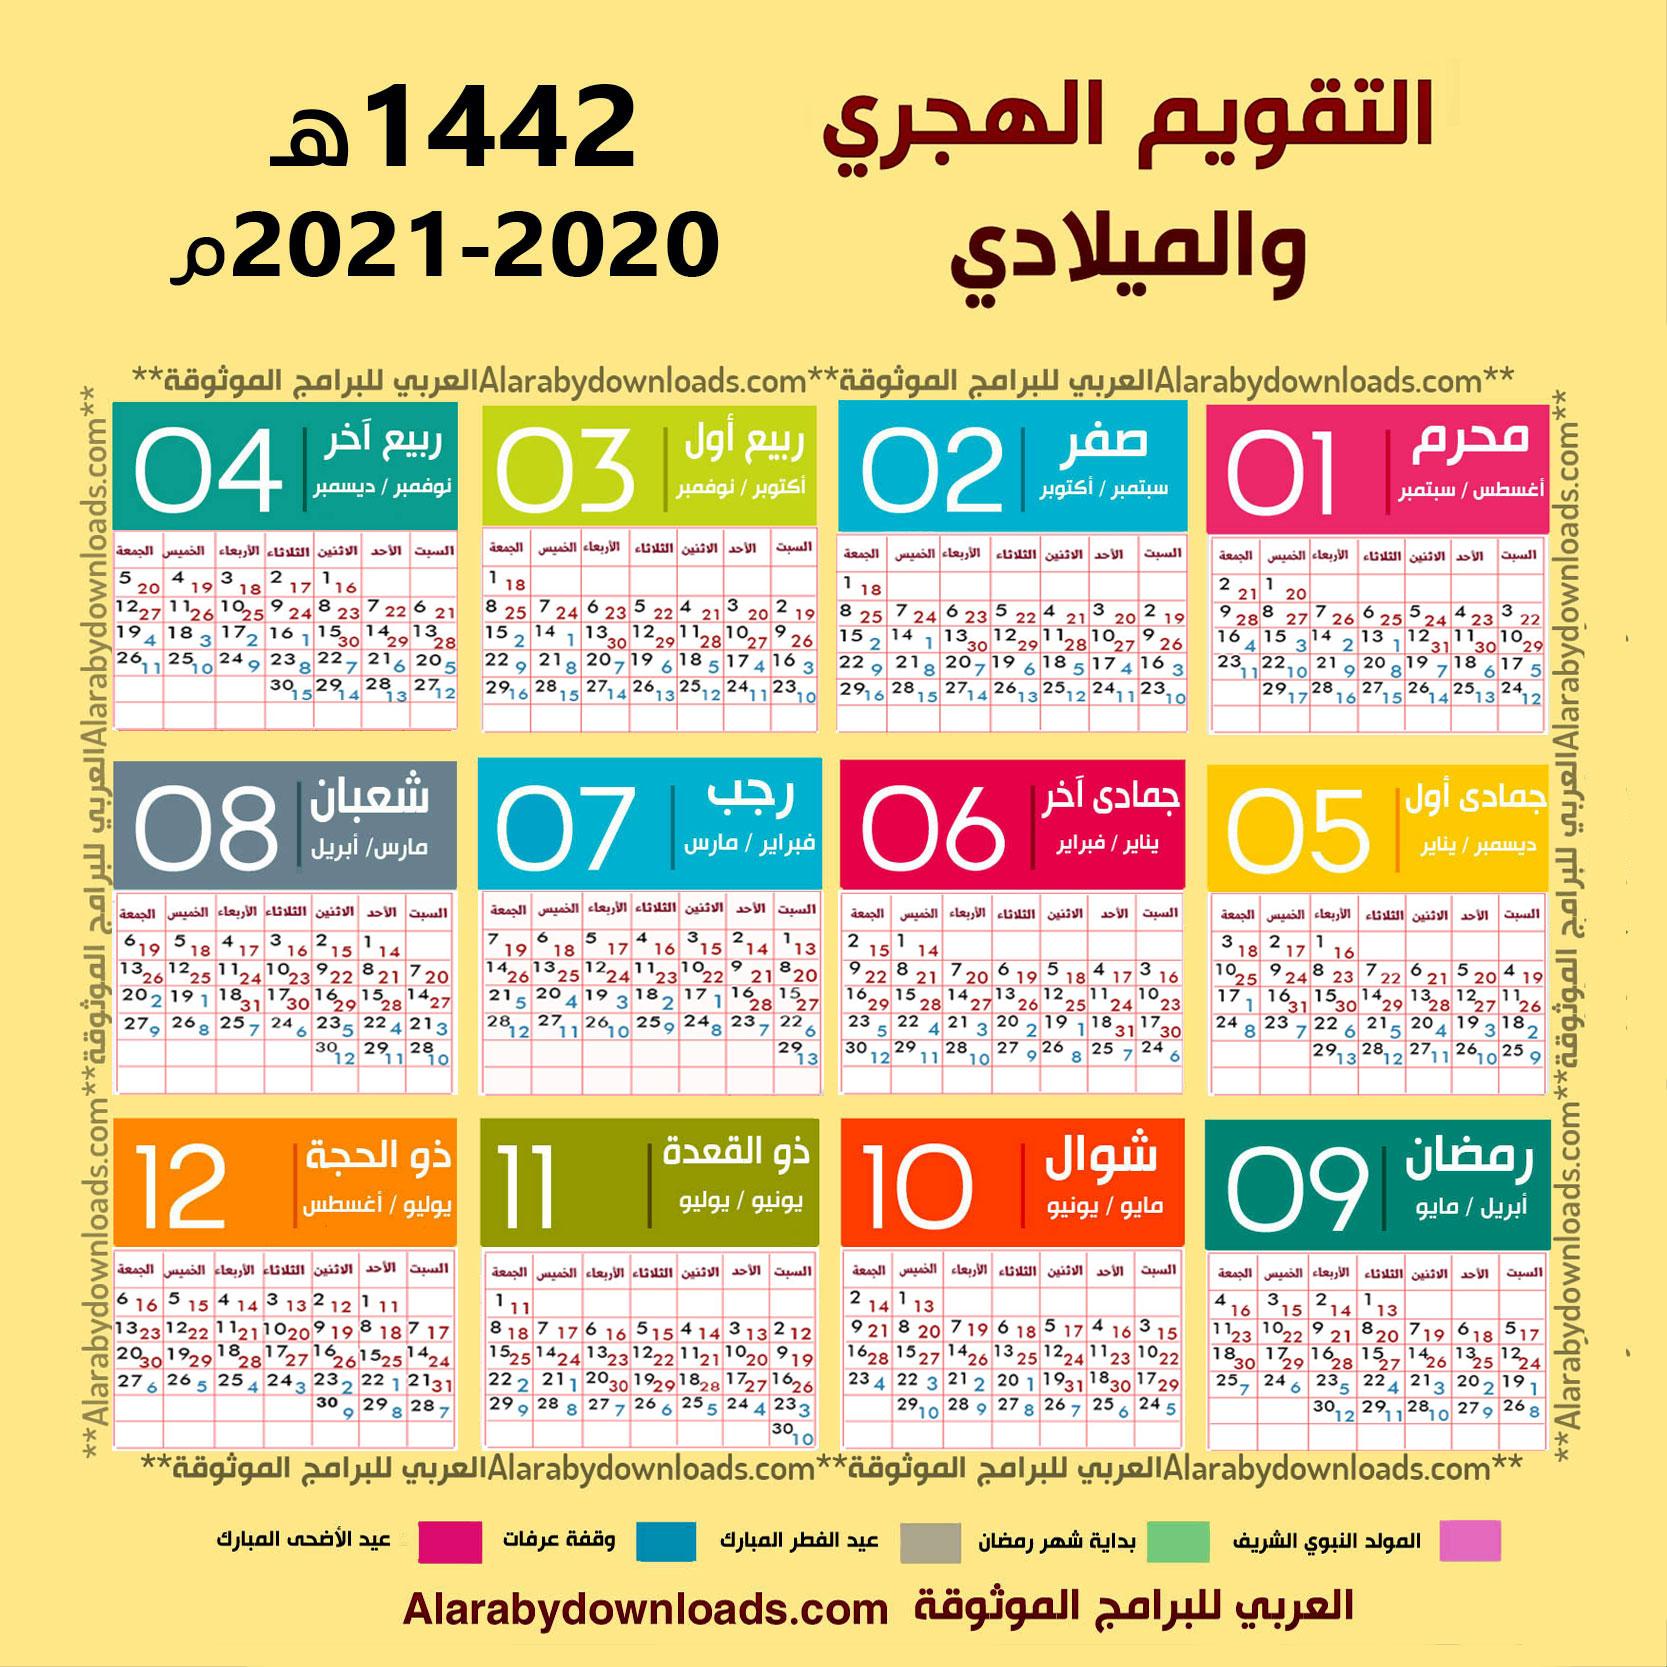 التقويم الهجري 1442 والميلادي 2021 Pdf تقويم ١٤٤٢ للجوال تقويم 2021 هجري وميلادي Pdf